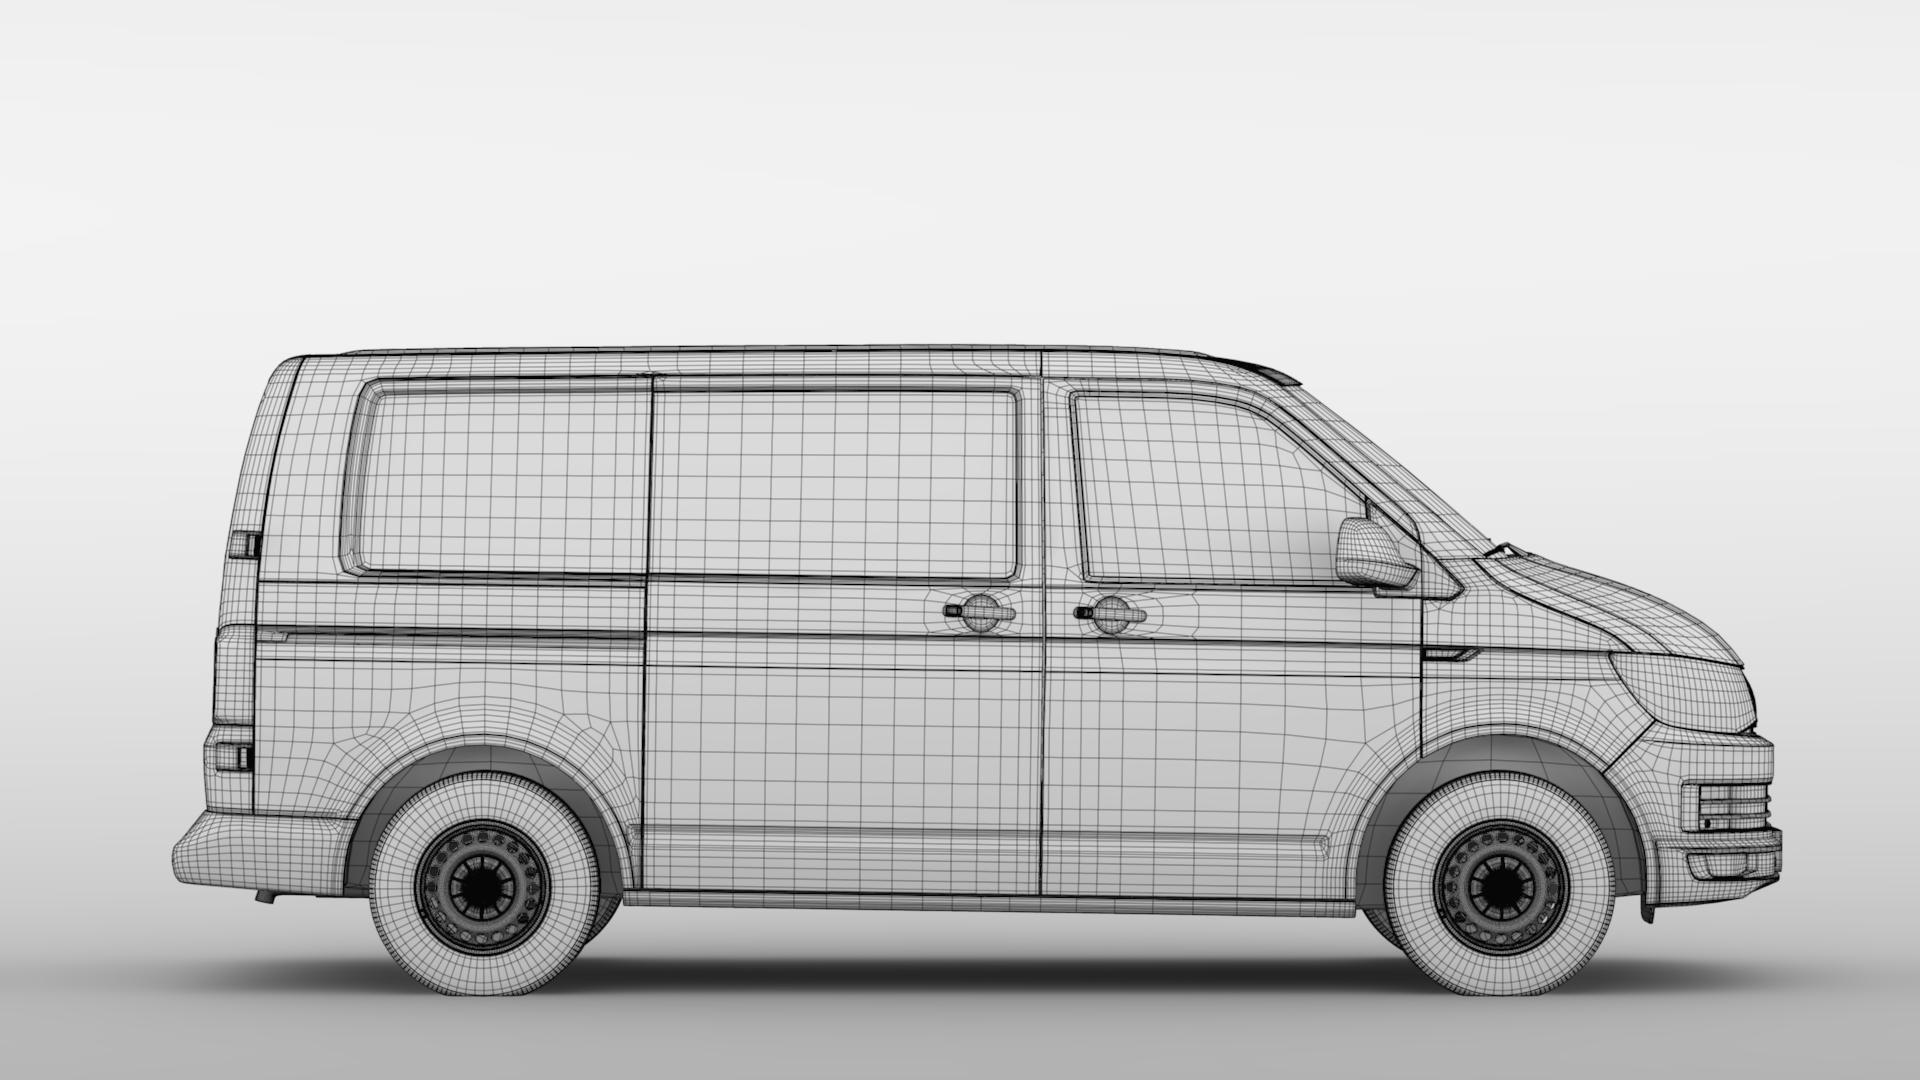 volkswagen transporter van l1h1 t6 2017 3d model fbx c4d lwo ma mb hrc xsi obj 275135